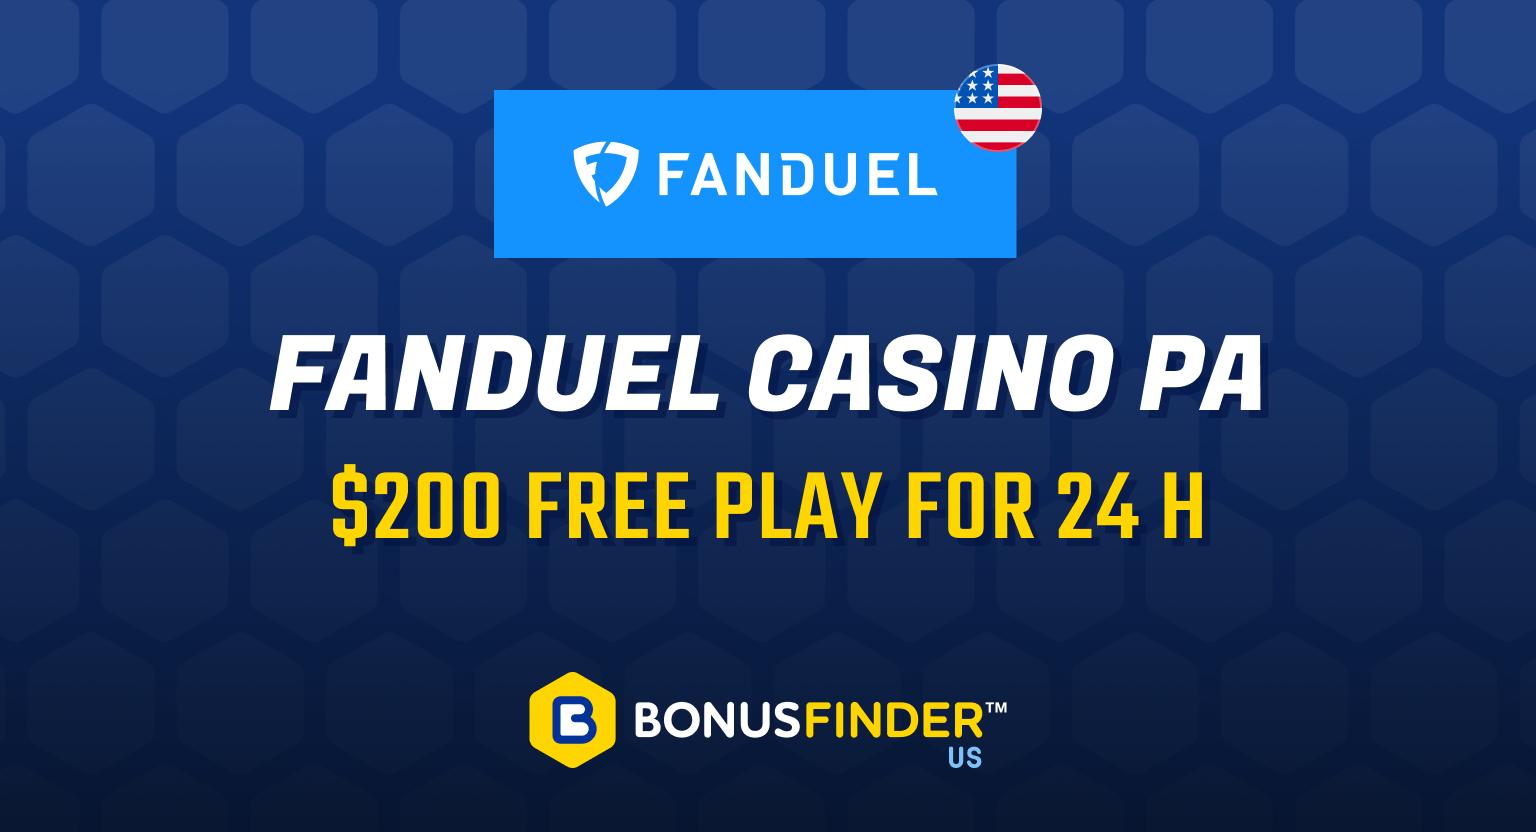 FanDuel Casino PA promo code